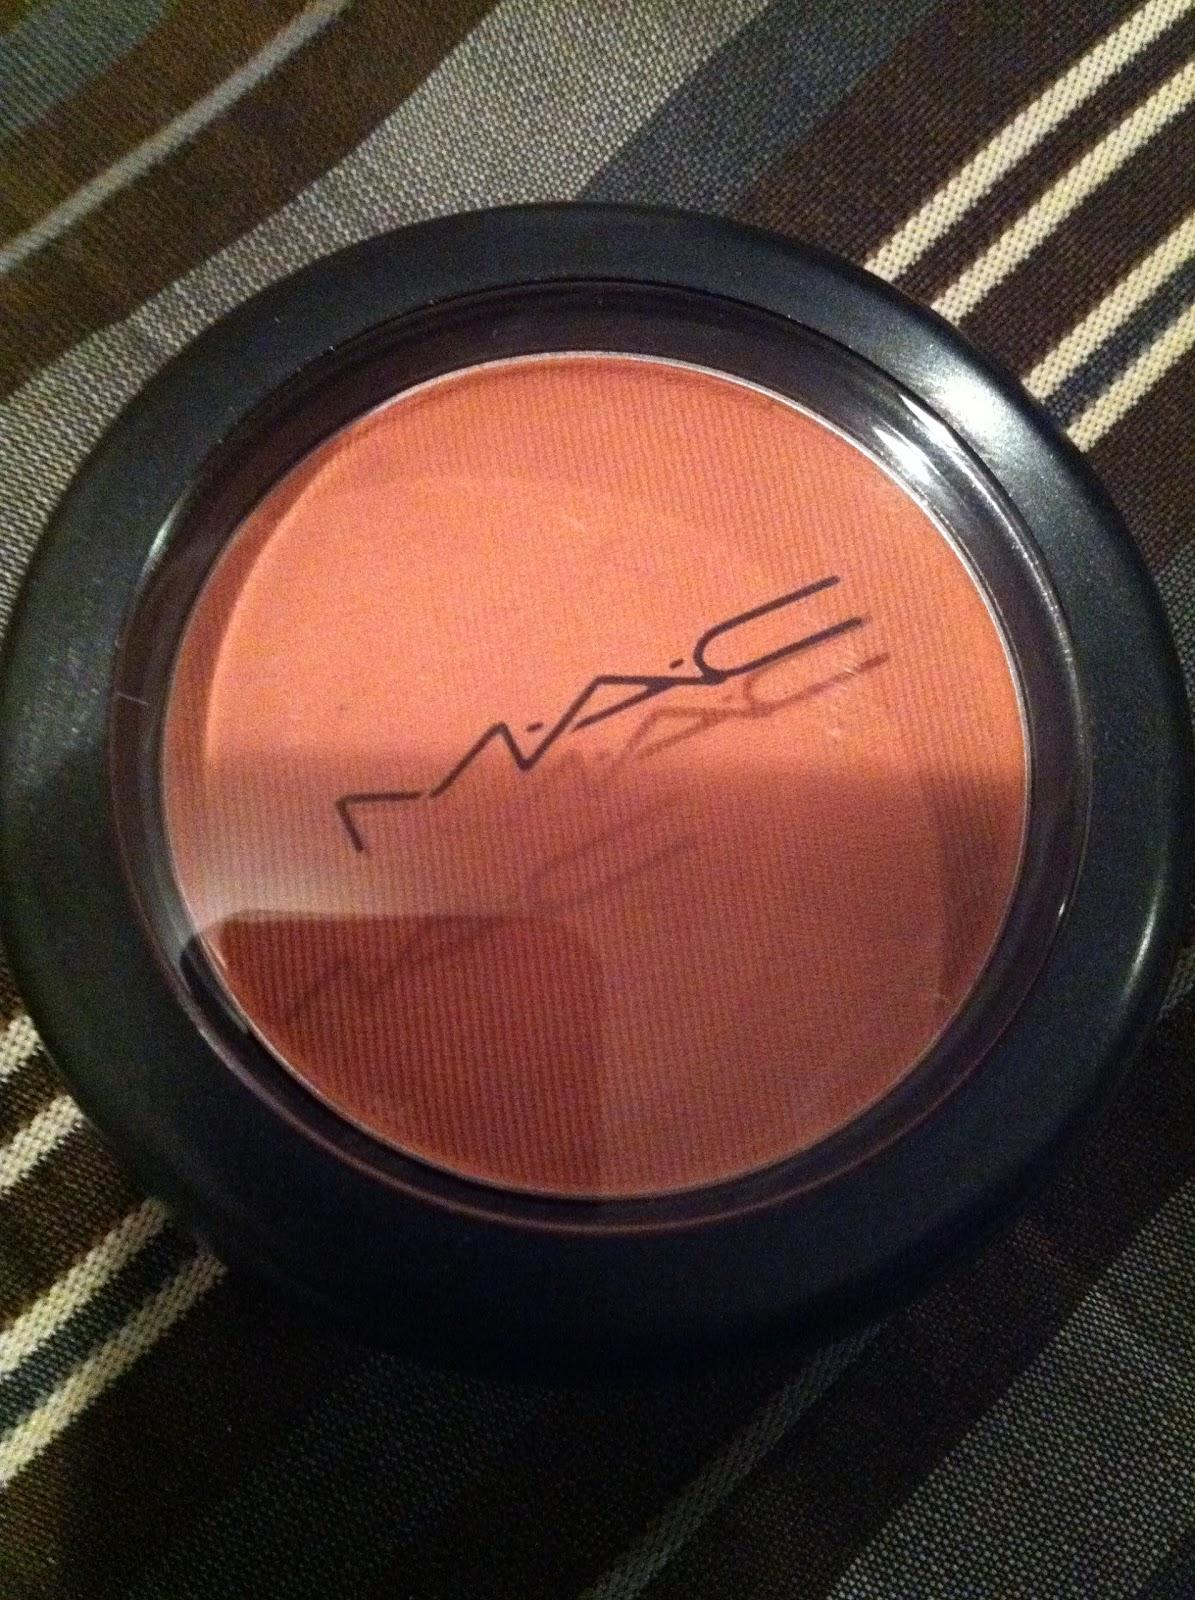 mac coppertone blush - photo #12